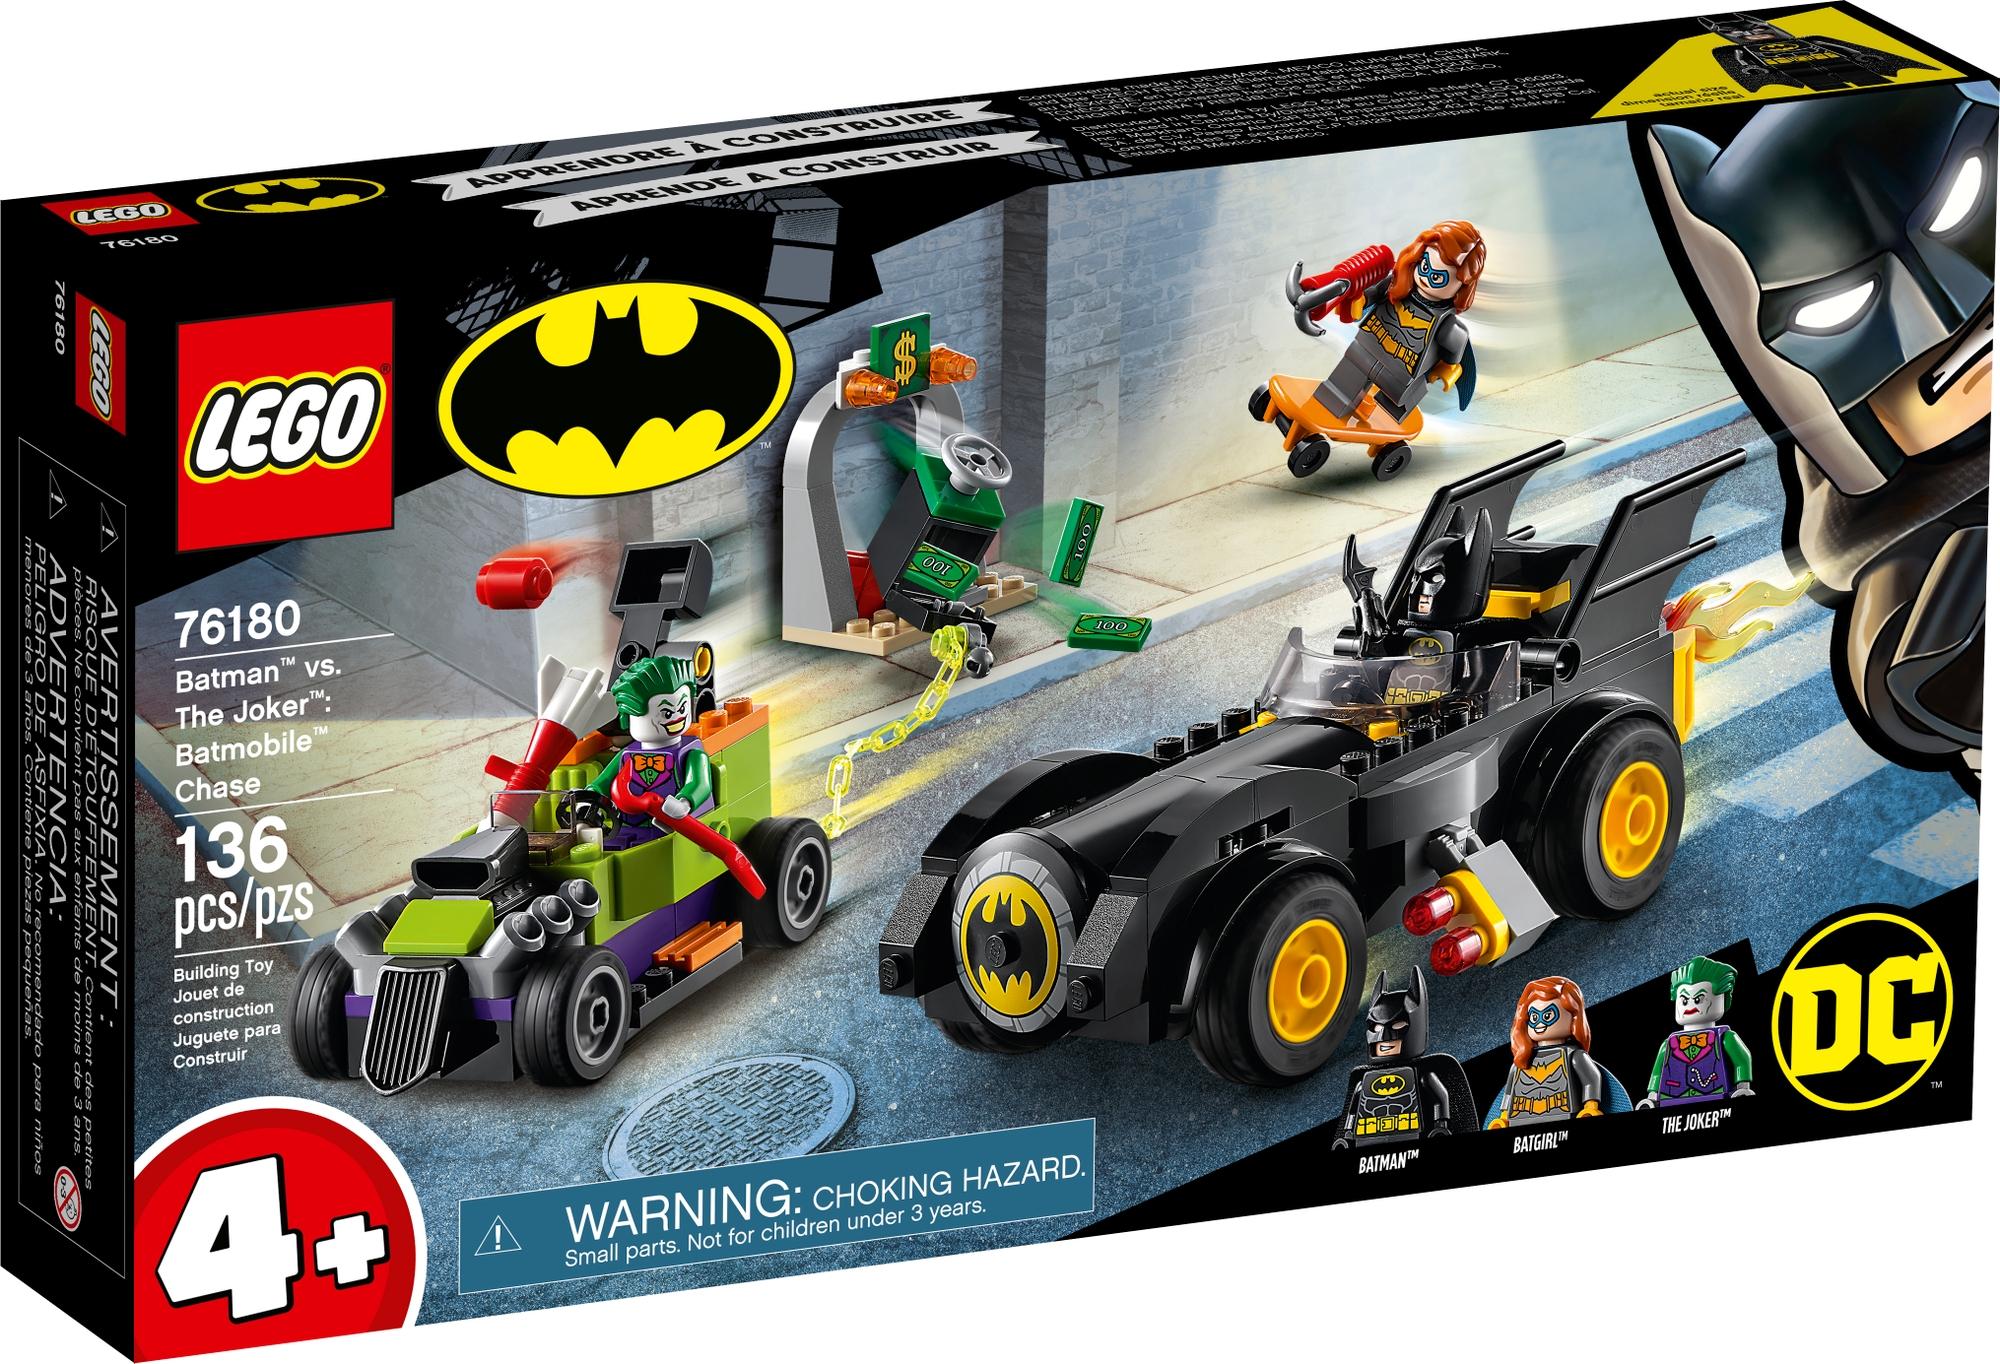 LEGO 76180 2